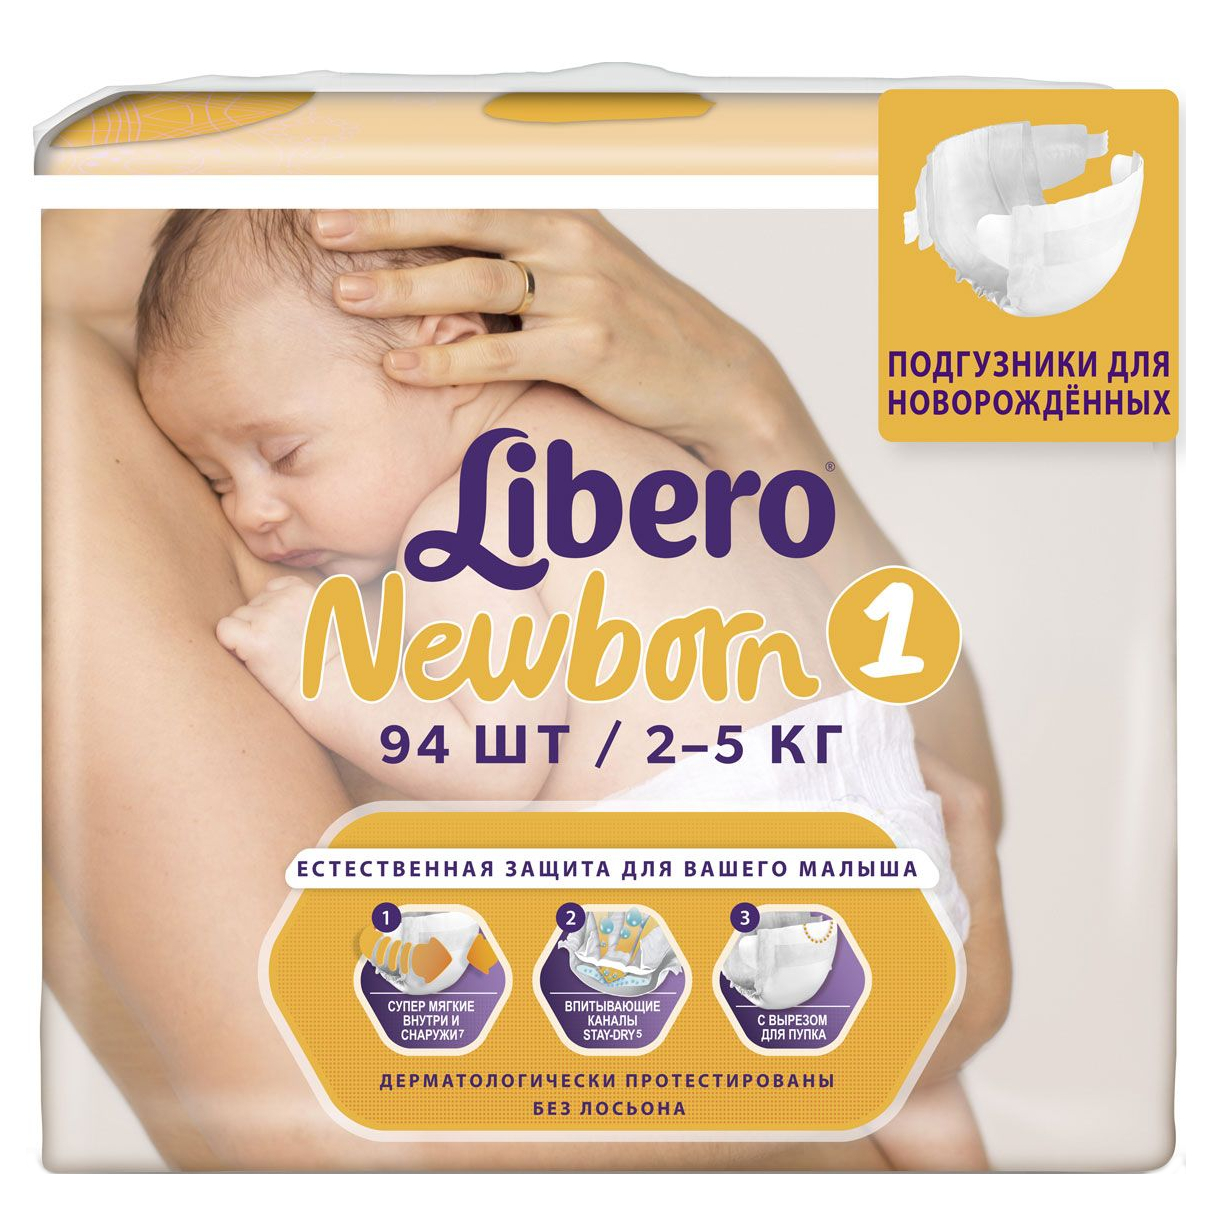 Одноразовый подгузник для новорожденных